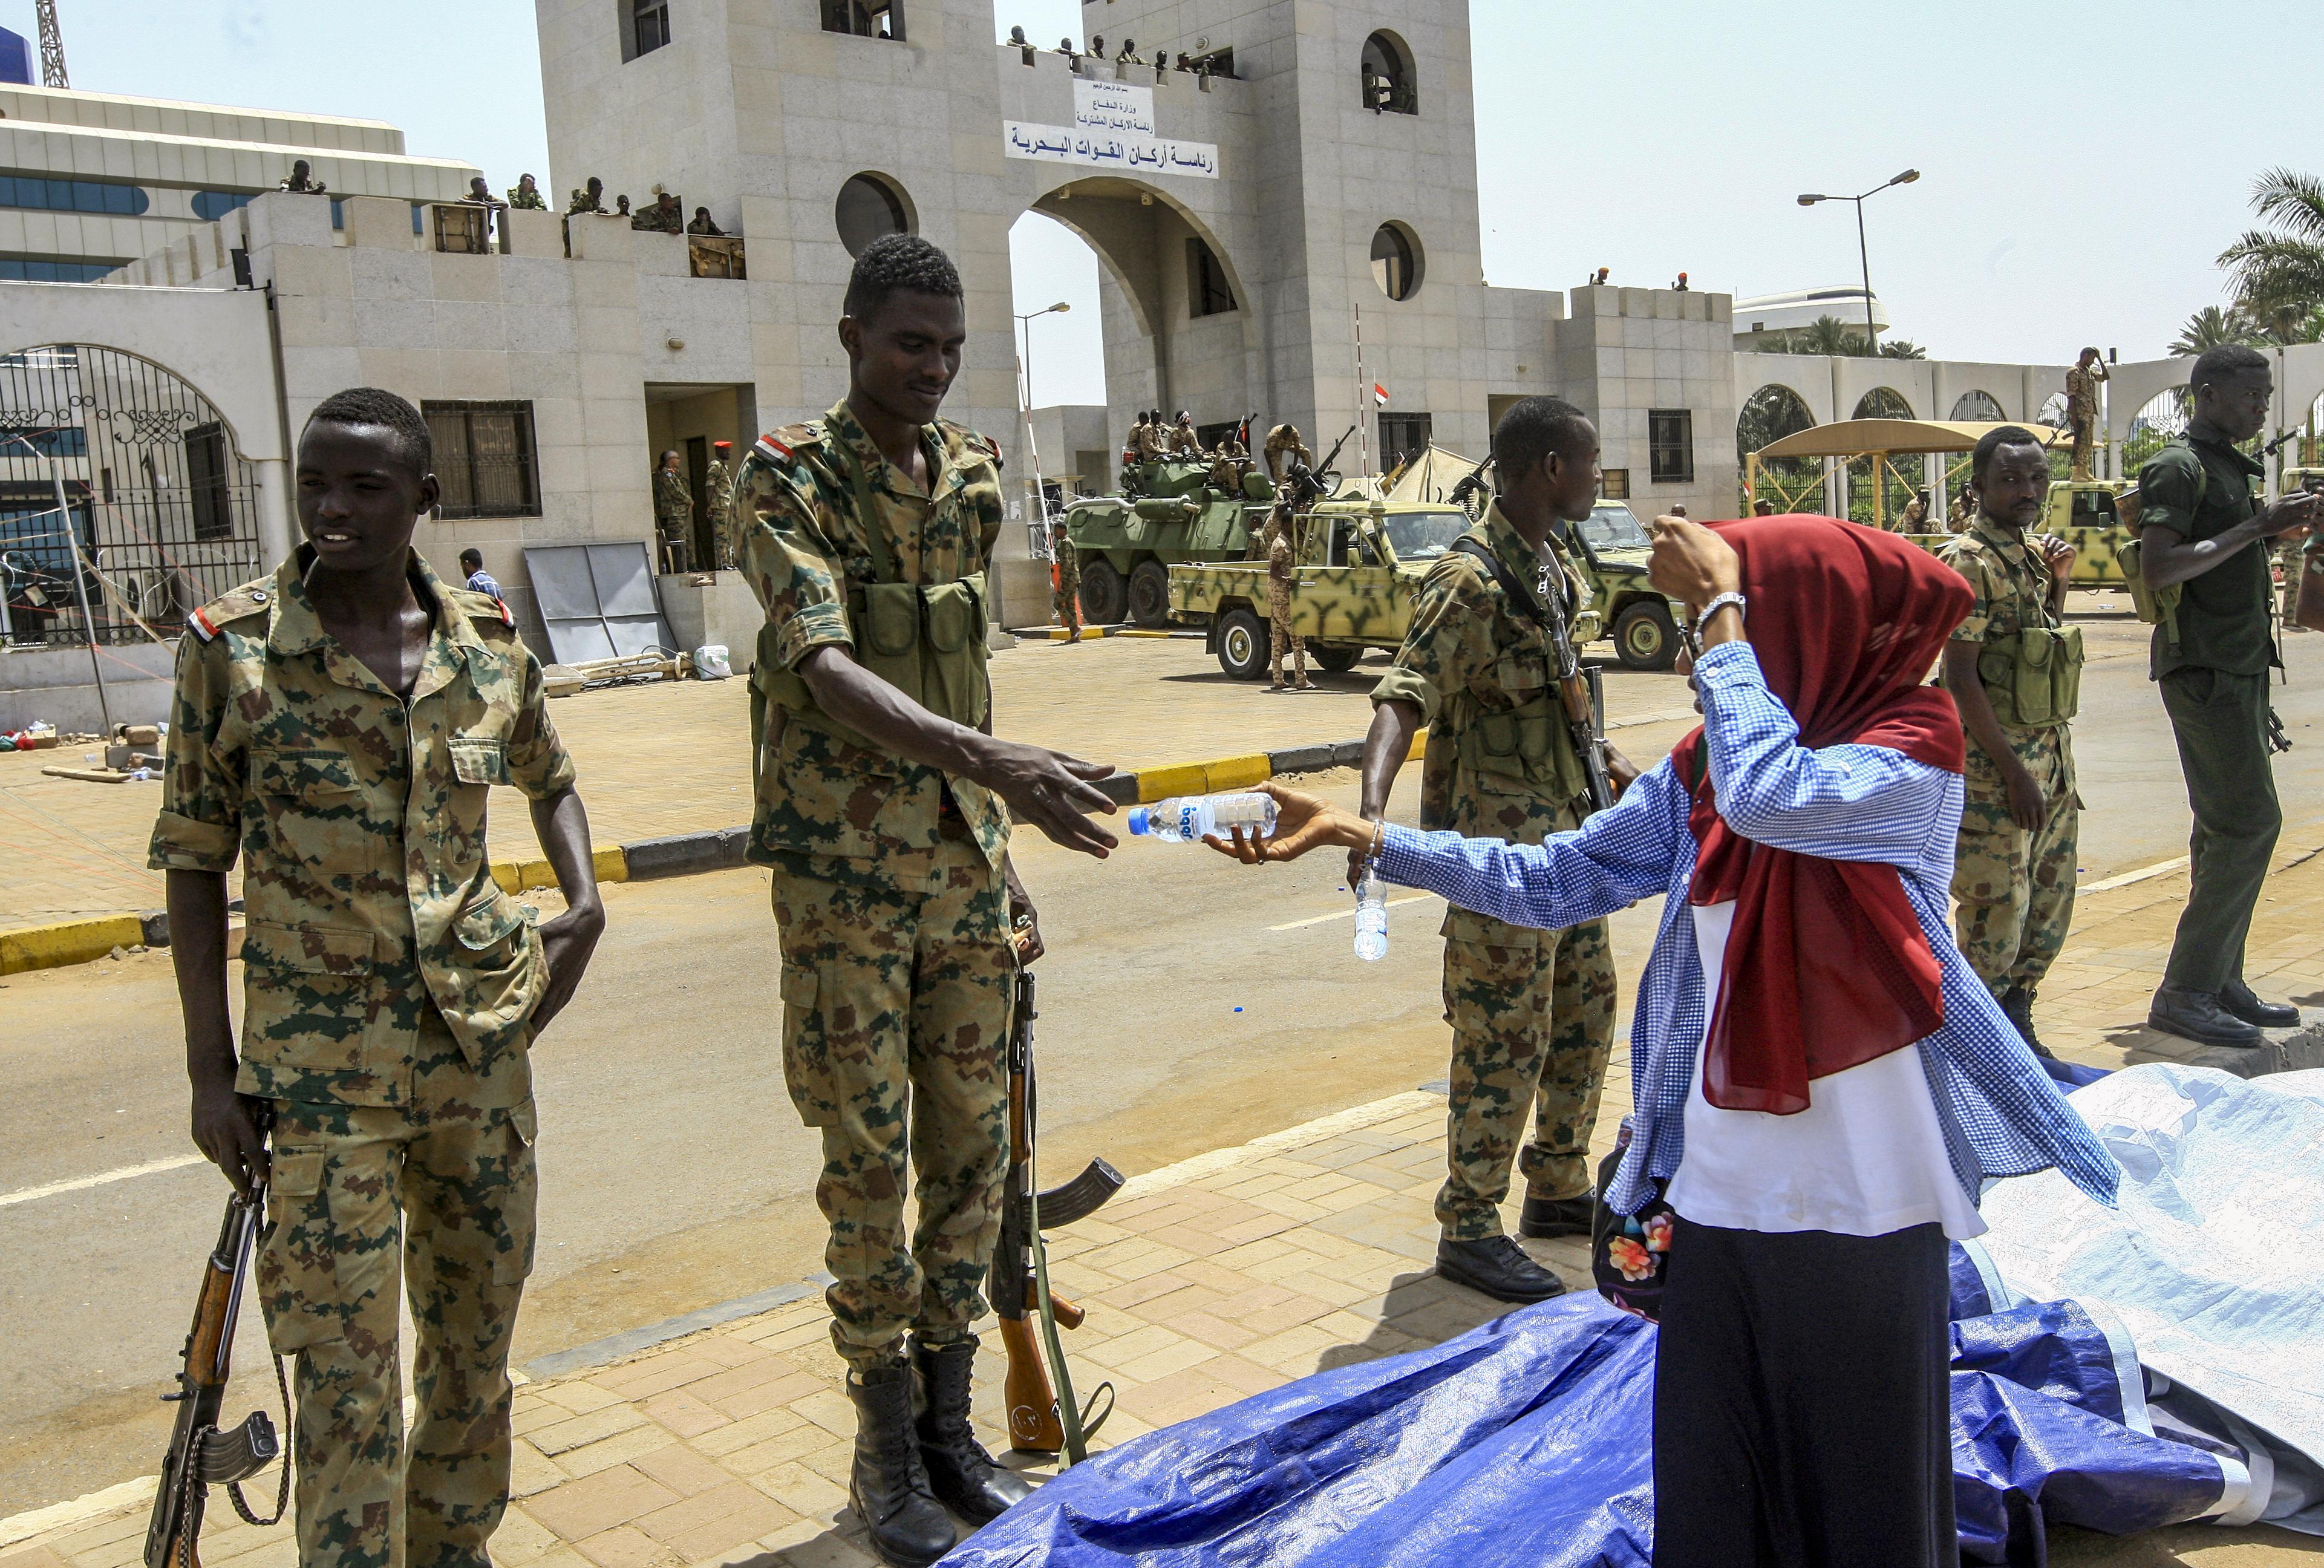 امرأة تناول جنديا سودانيا قنينة ماء عقب تظاهرات ضد تسلم العسكر الحكم في البلاد